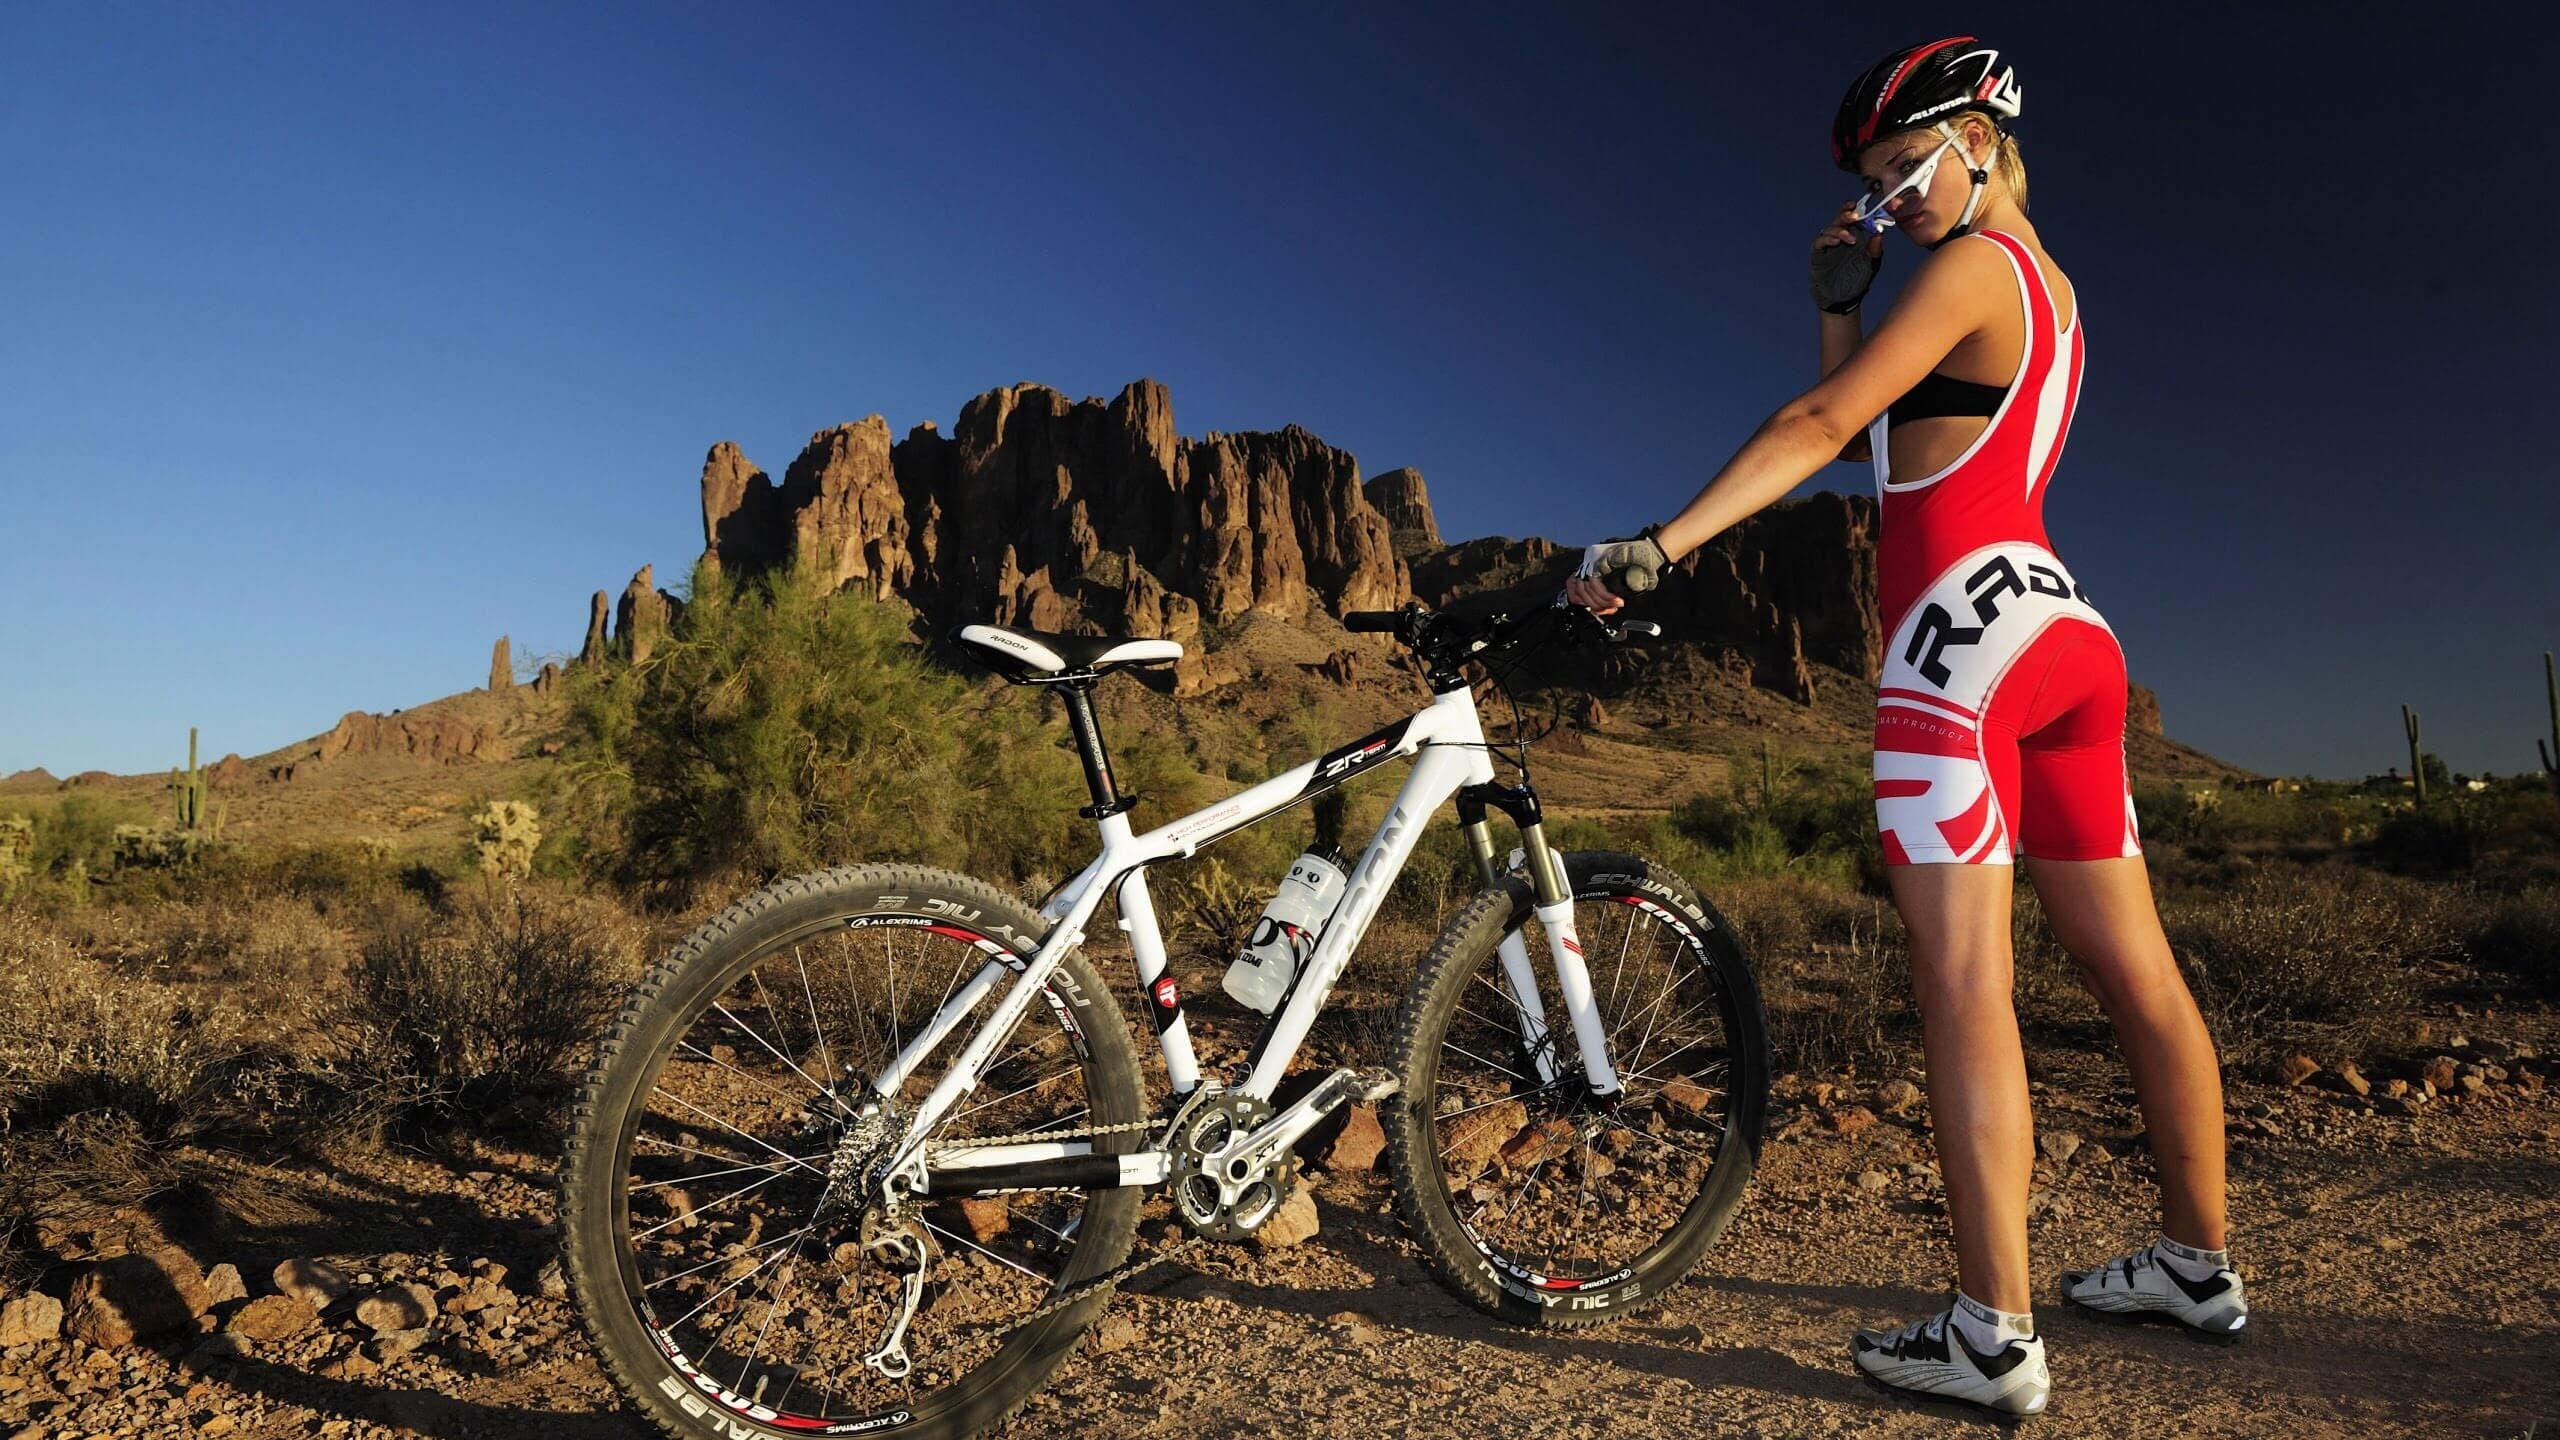 Ставки на велоспорт: виды, стратегии, букмекеры